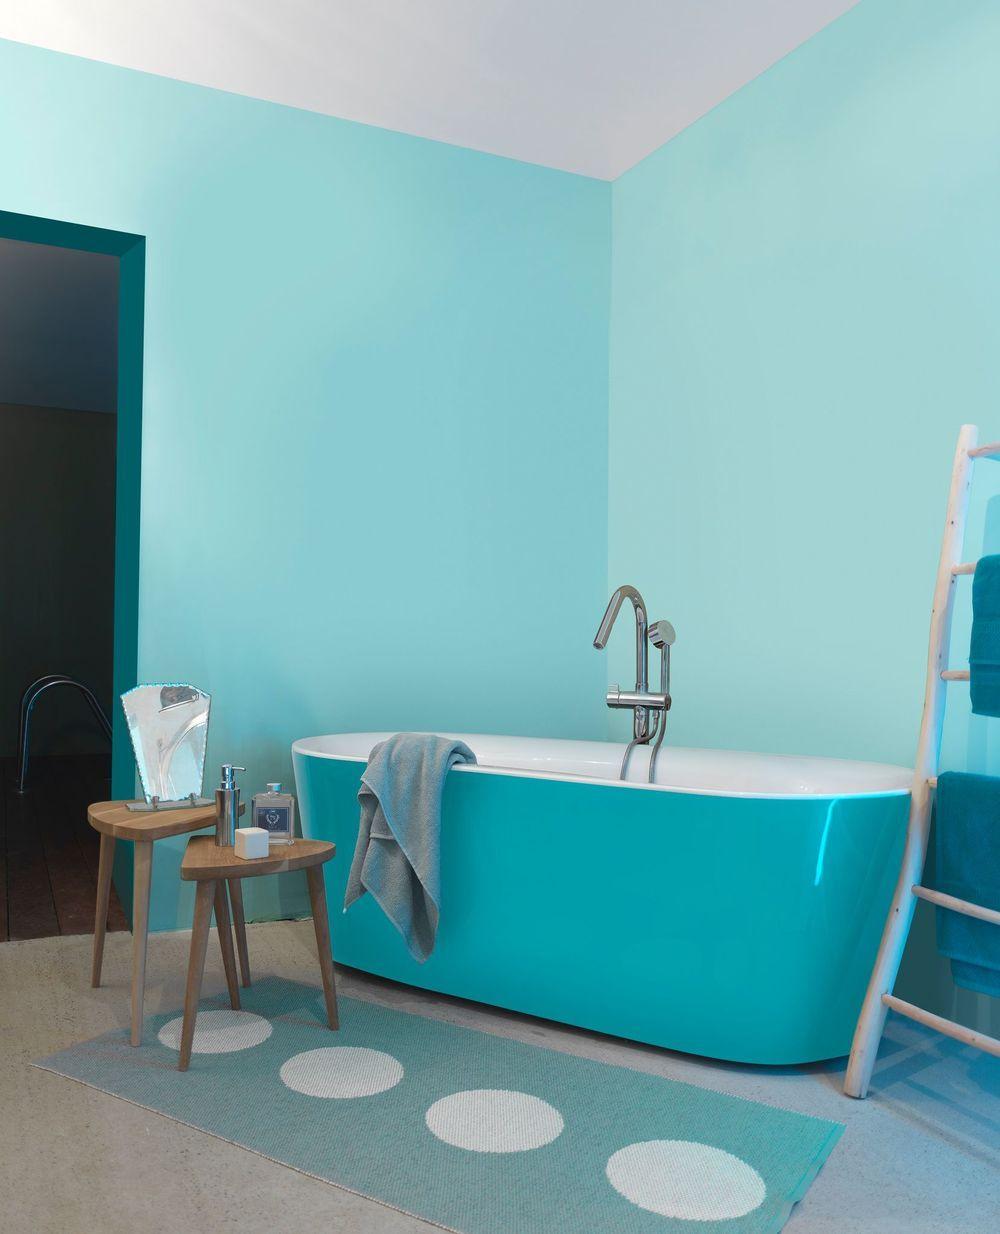 Peinture bleu : 12 couleurs bleutées pour repeindre son intérieur | Peinture bleu, Murs peints ...